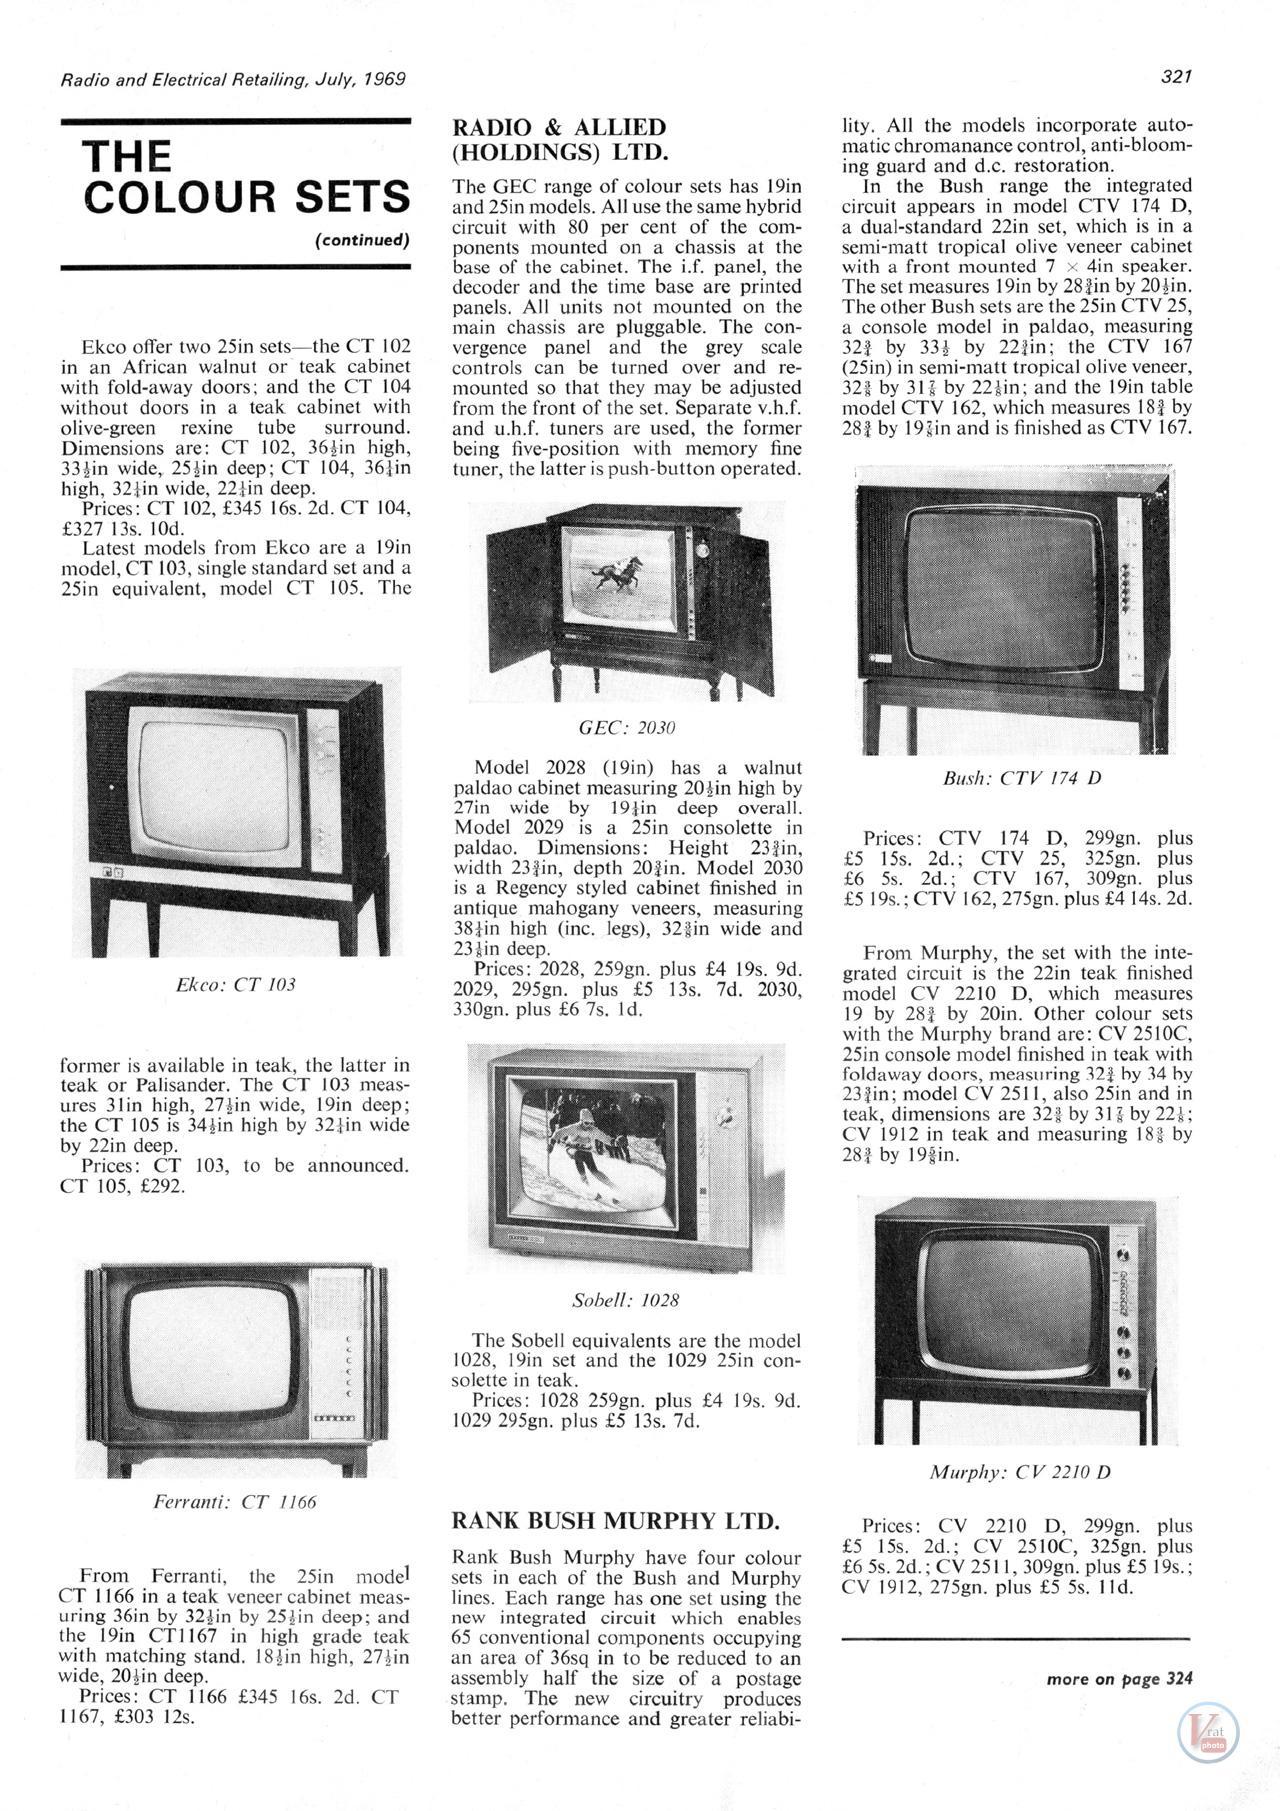 R-E-R The Colour Sets 1969